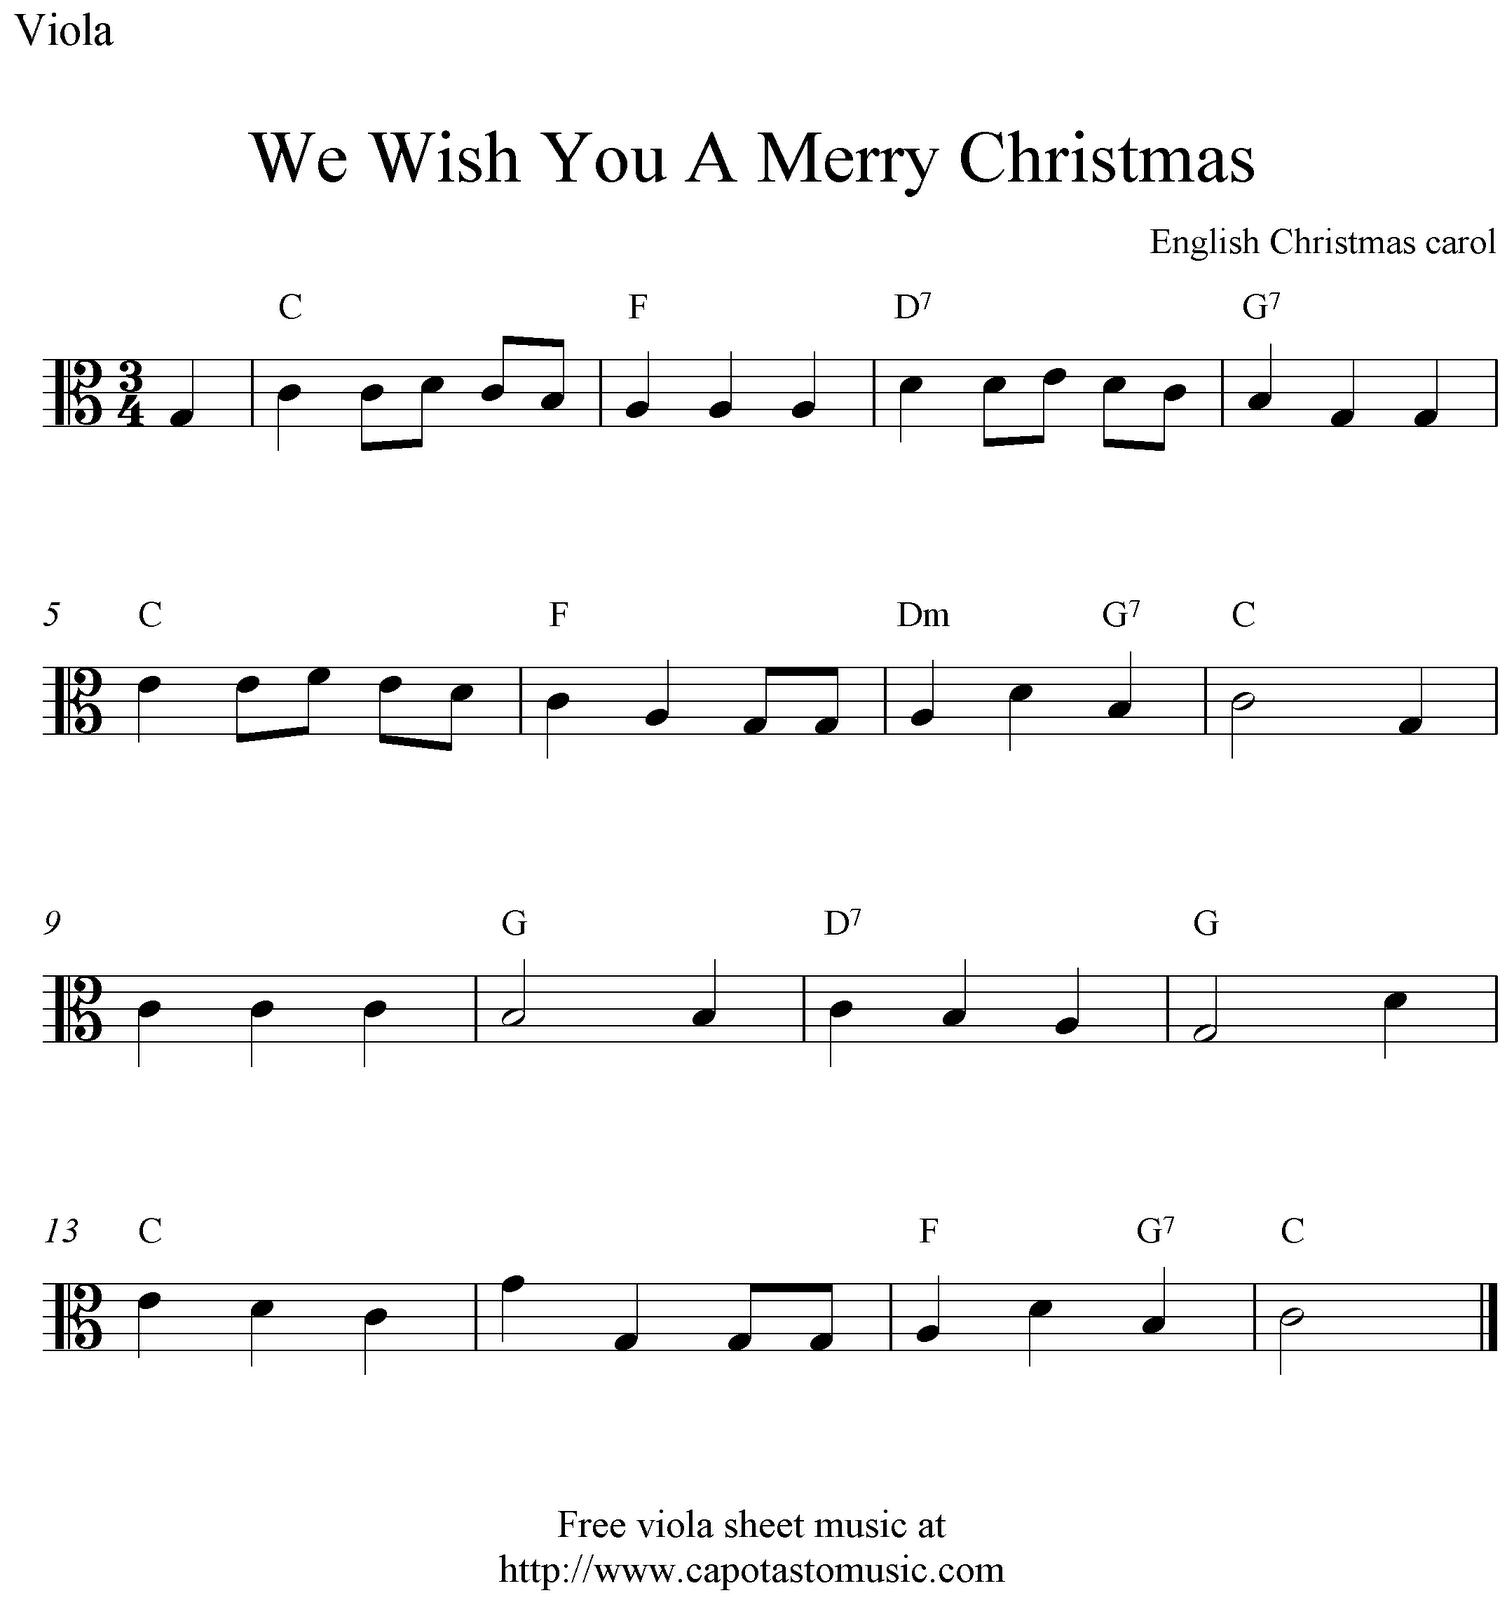 Viola Sheet Music For Christmas   Free Easy Christmas Viola Sheet - Viola Sheet Music Free Printable